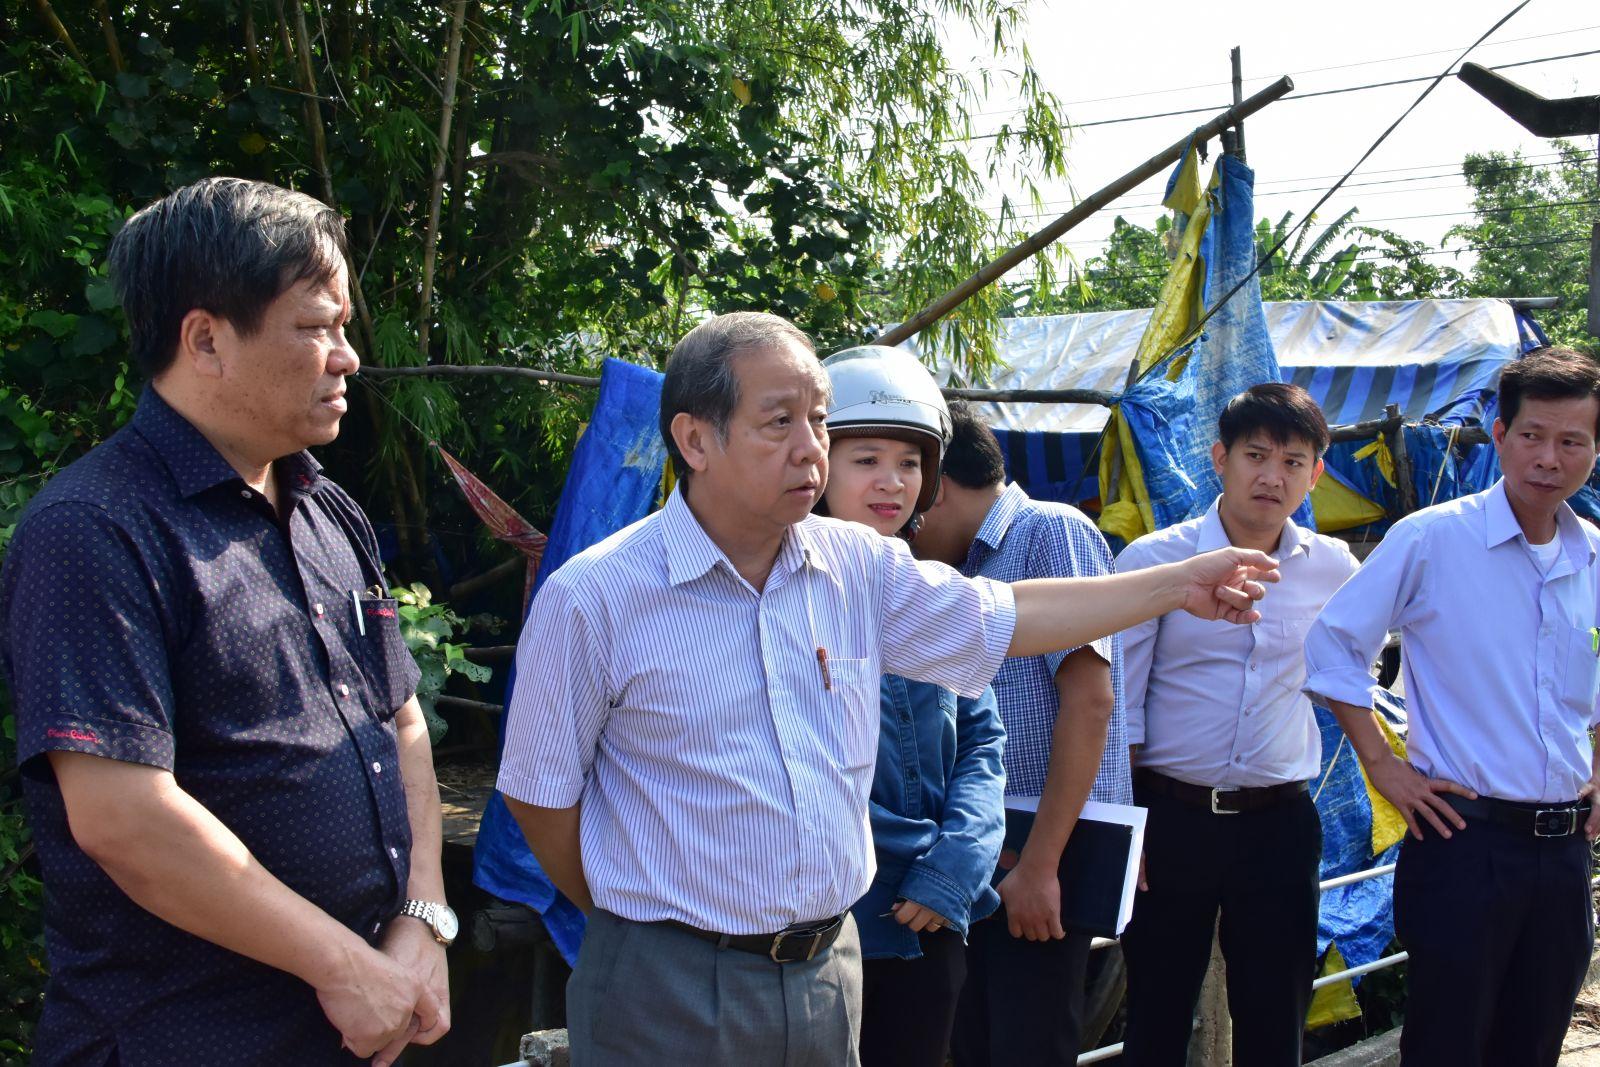 Chủ tịch UBND tỉnh Phan Ngọc Thọ kiểm tra đời sống người dân khu tái định cư Phú Mậu